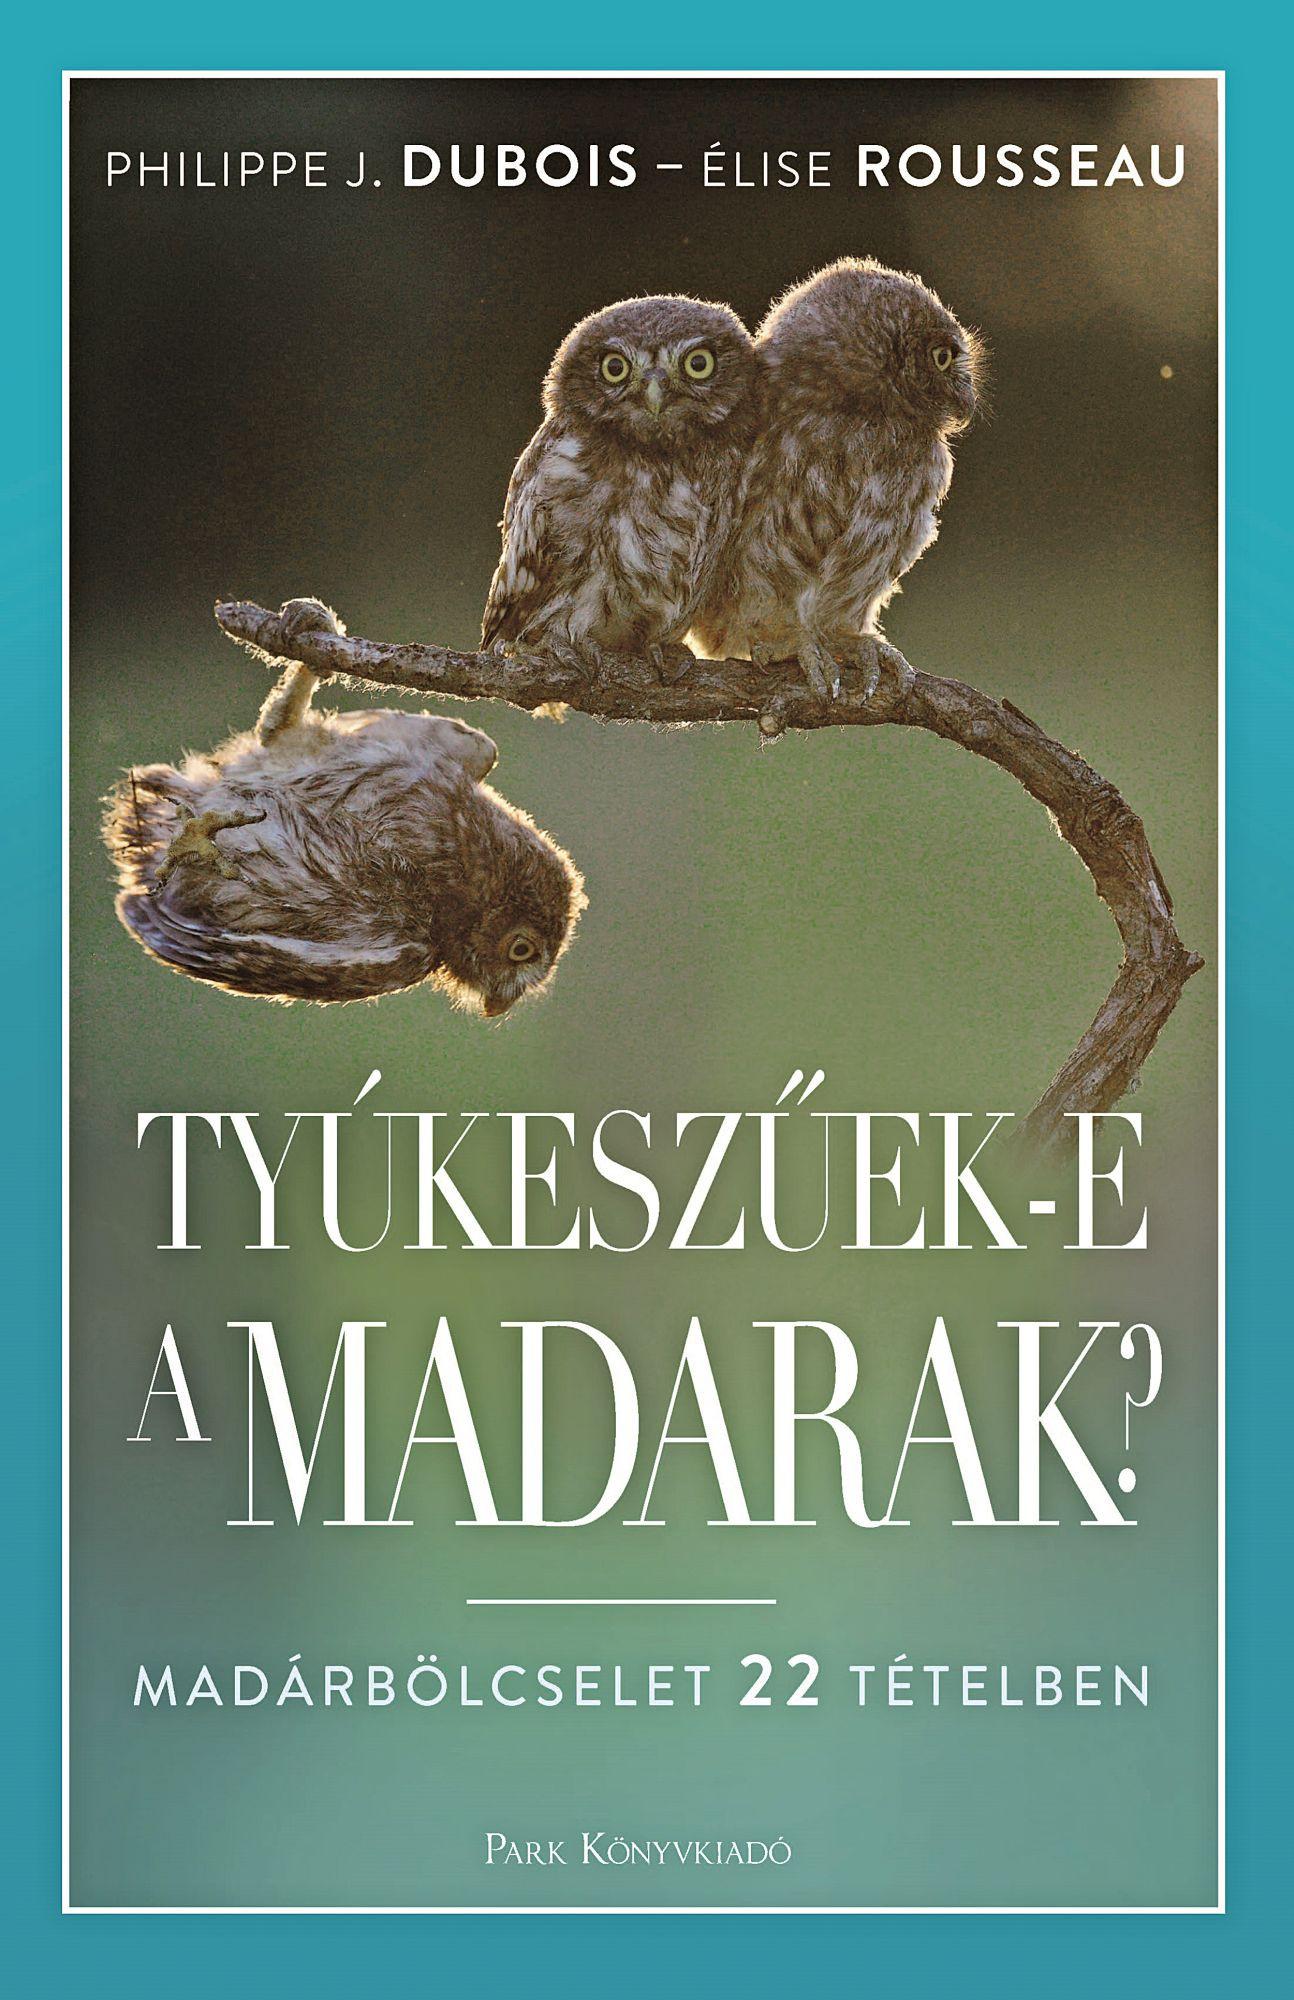 Philippe J. Dubois és Élise Rousseau: Tyúkeszűek-e a madarak?